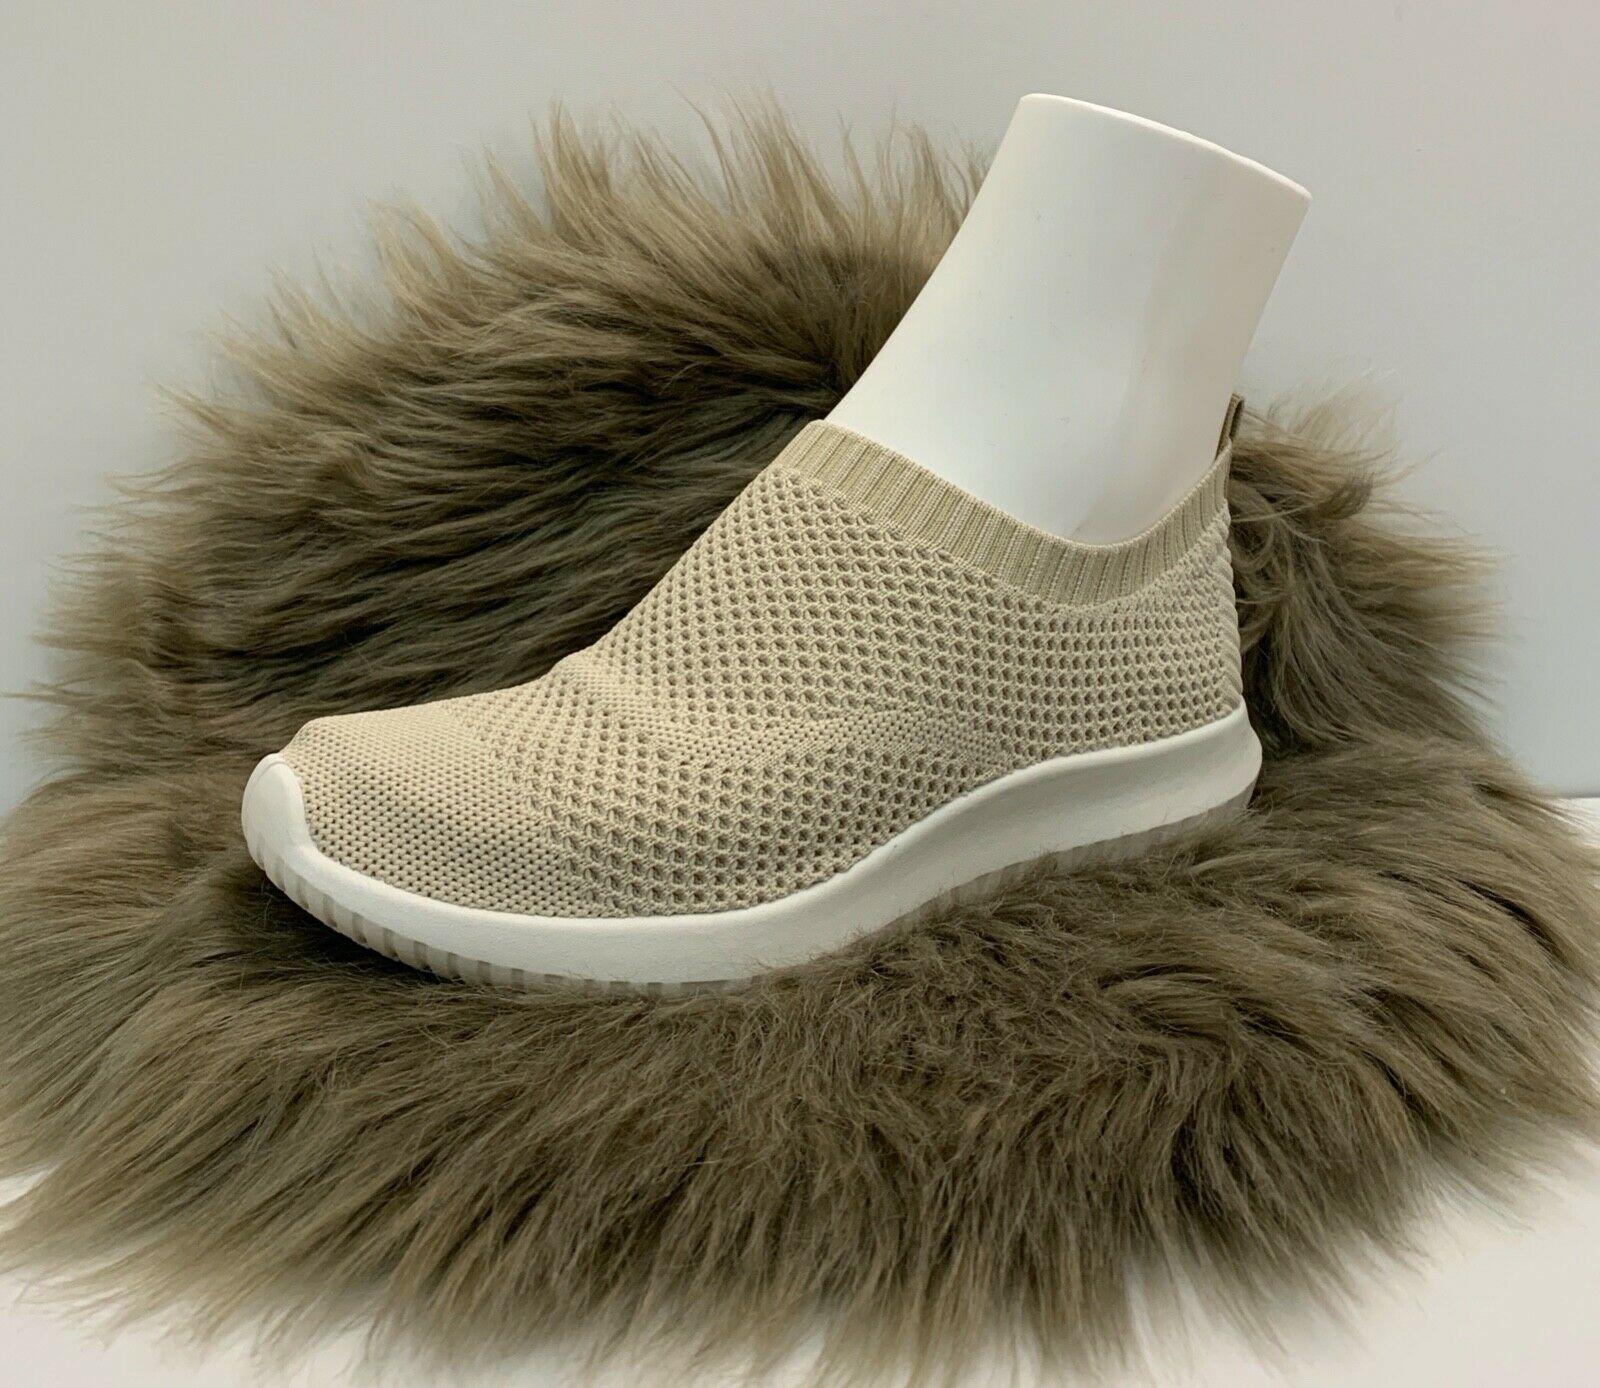 Damen Netz Sneaker beige mit weißer Sohle NEU Gr. 37-41